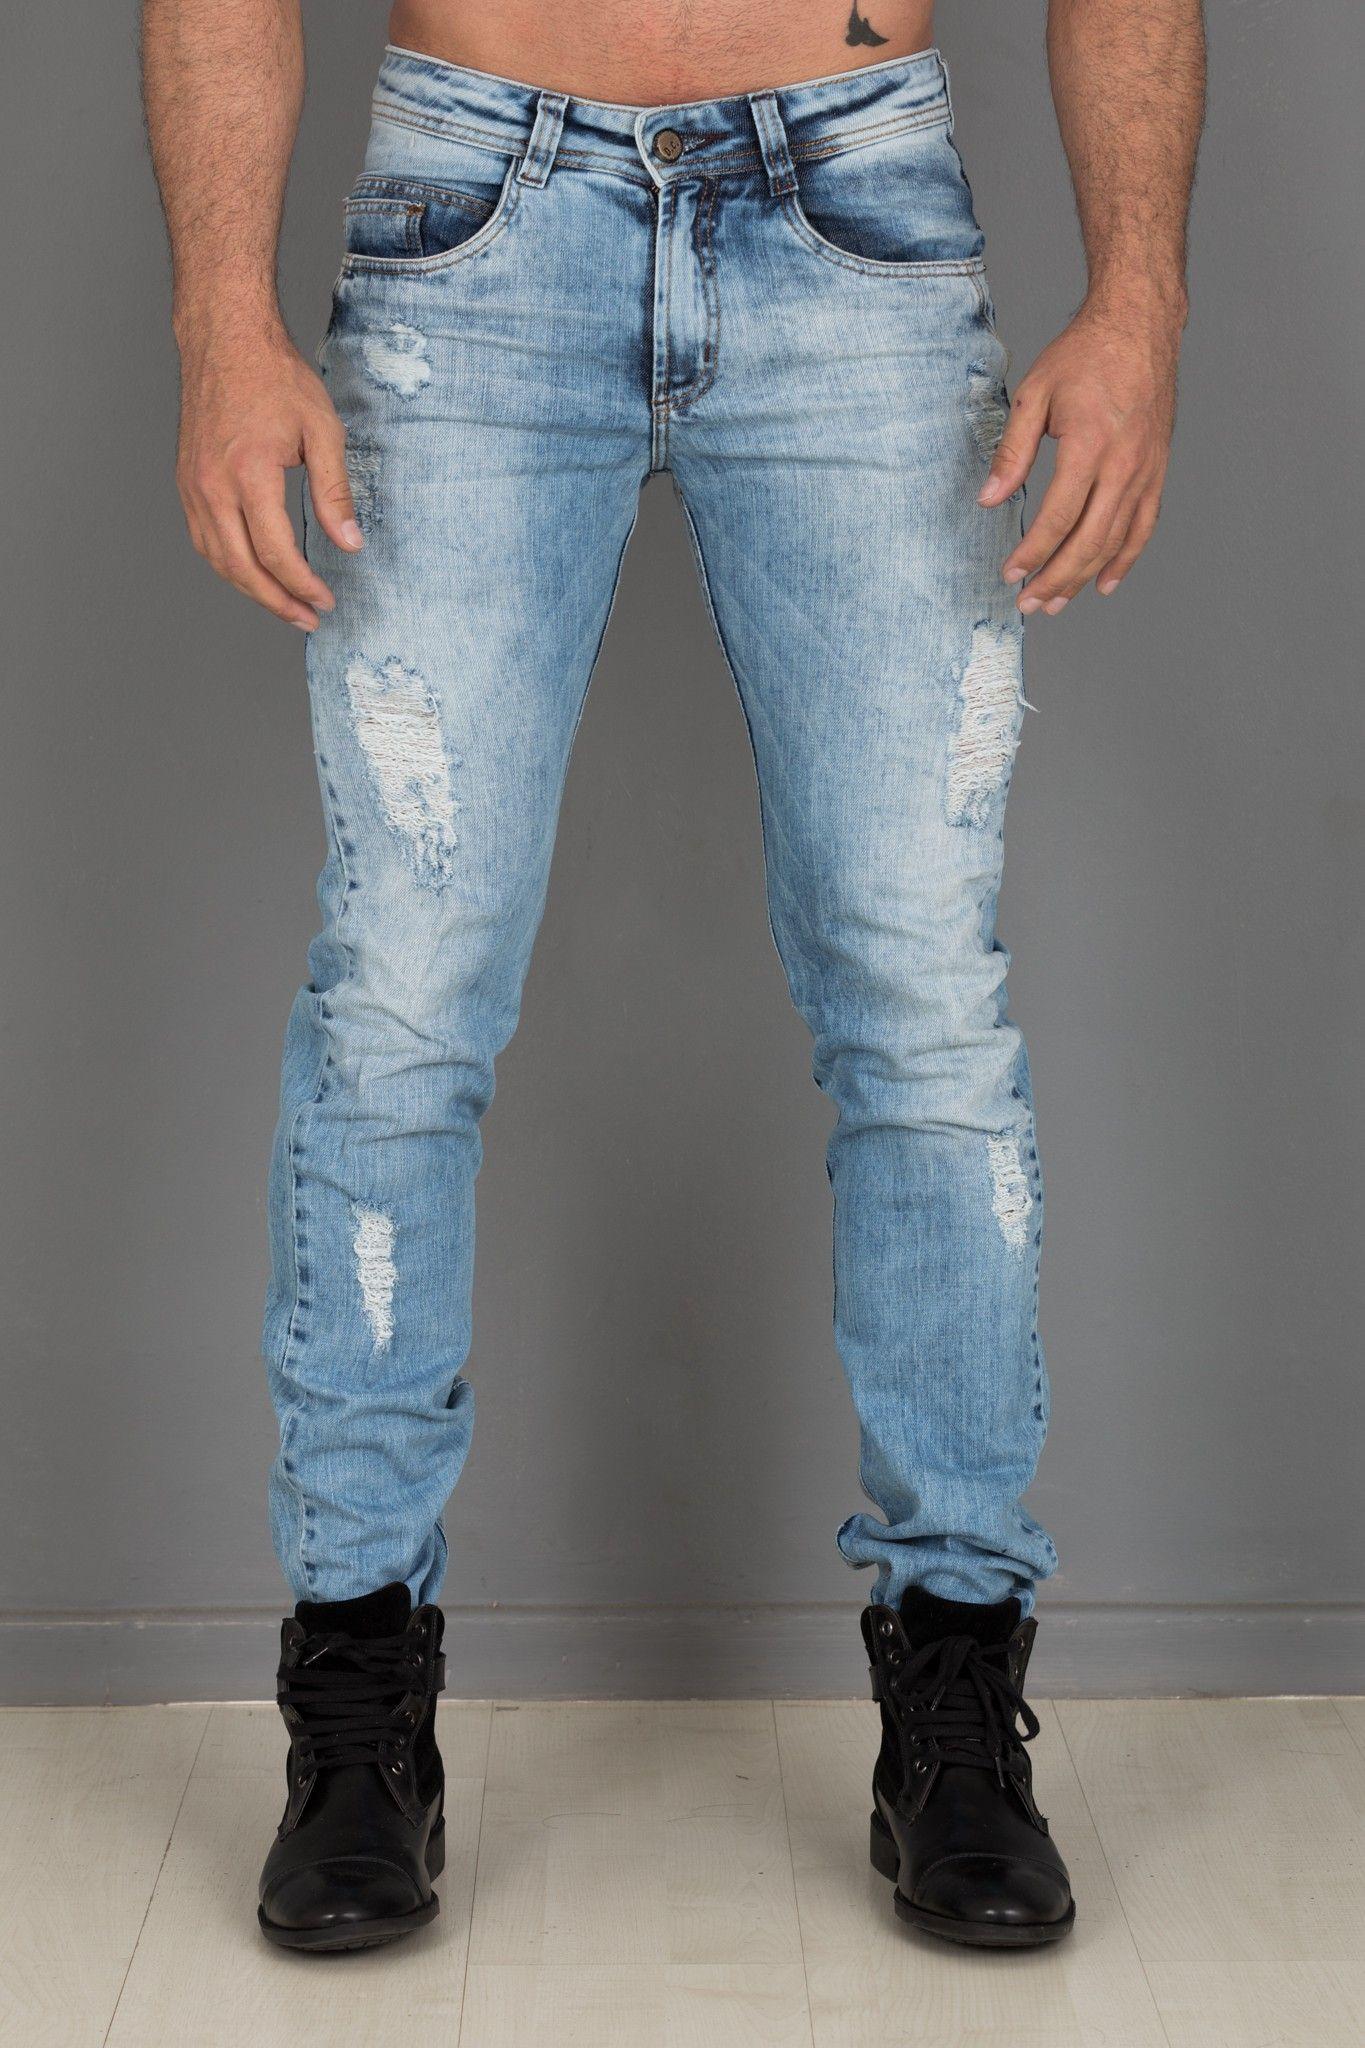 63791dab9 Calça Masculina Rasgada, Jaqueta Masculina, Coturno Masculino, Jeans  Masculino,